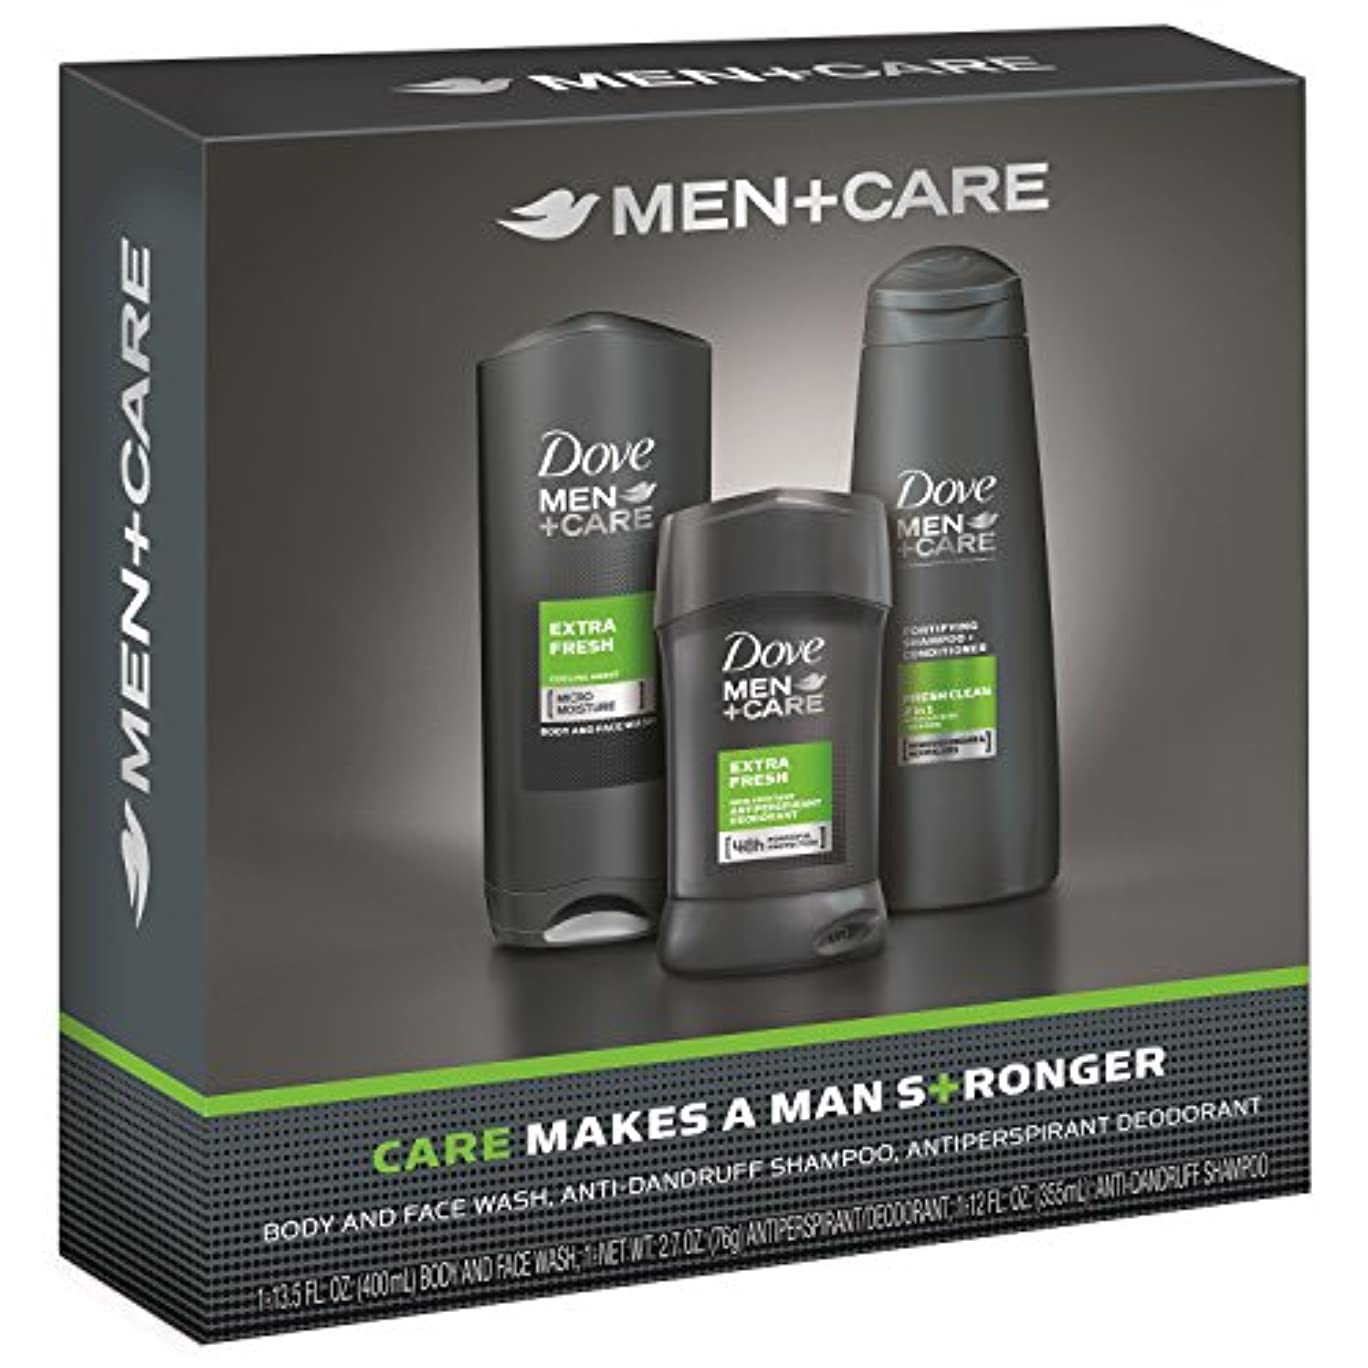 生理意味のある信者Dove Men+Care Gift Pack Extra Fresh ダブ メンプラスケア ギフトパック エクストラフレッシュ